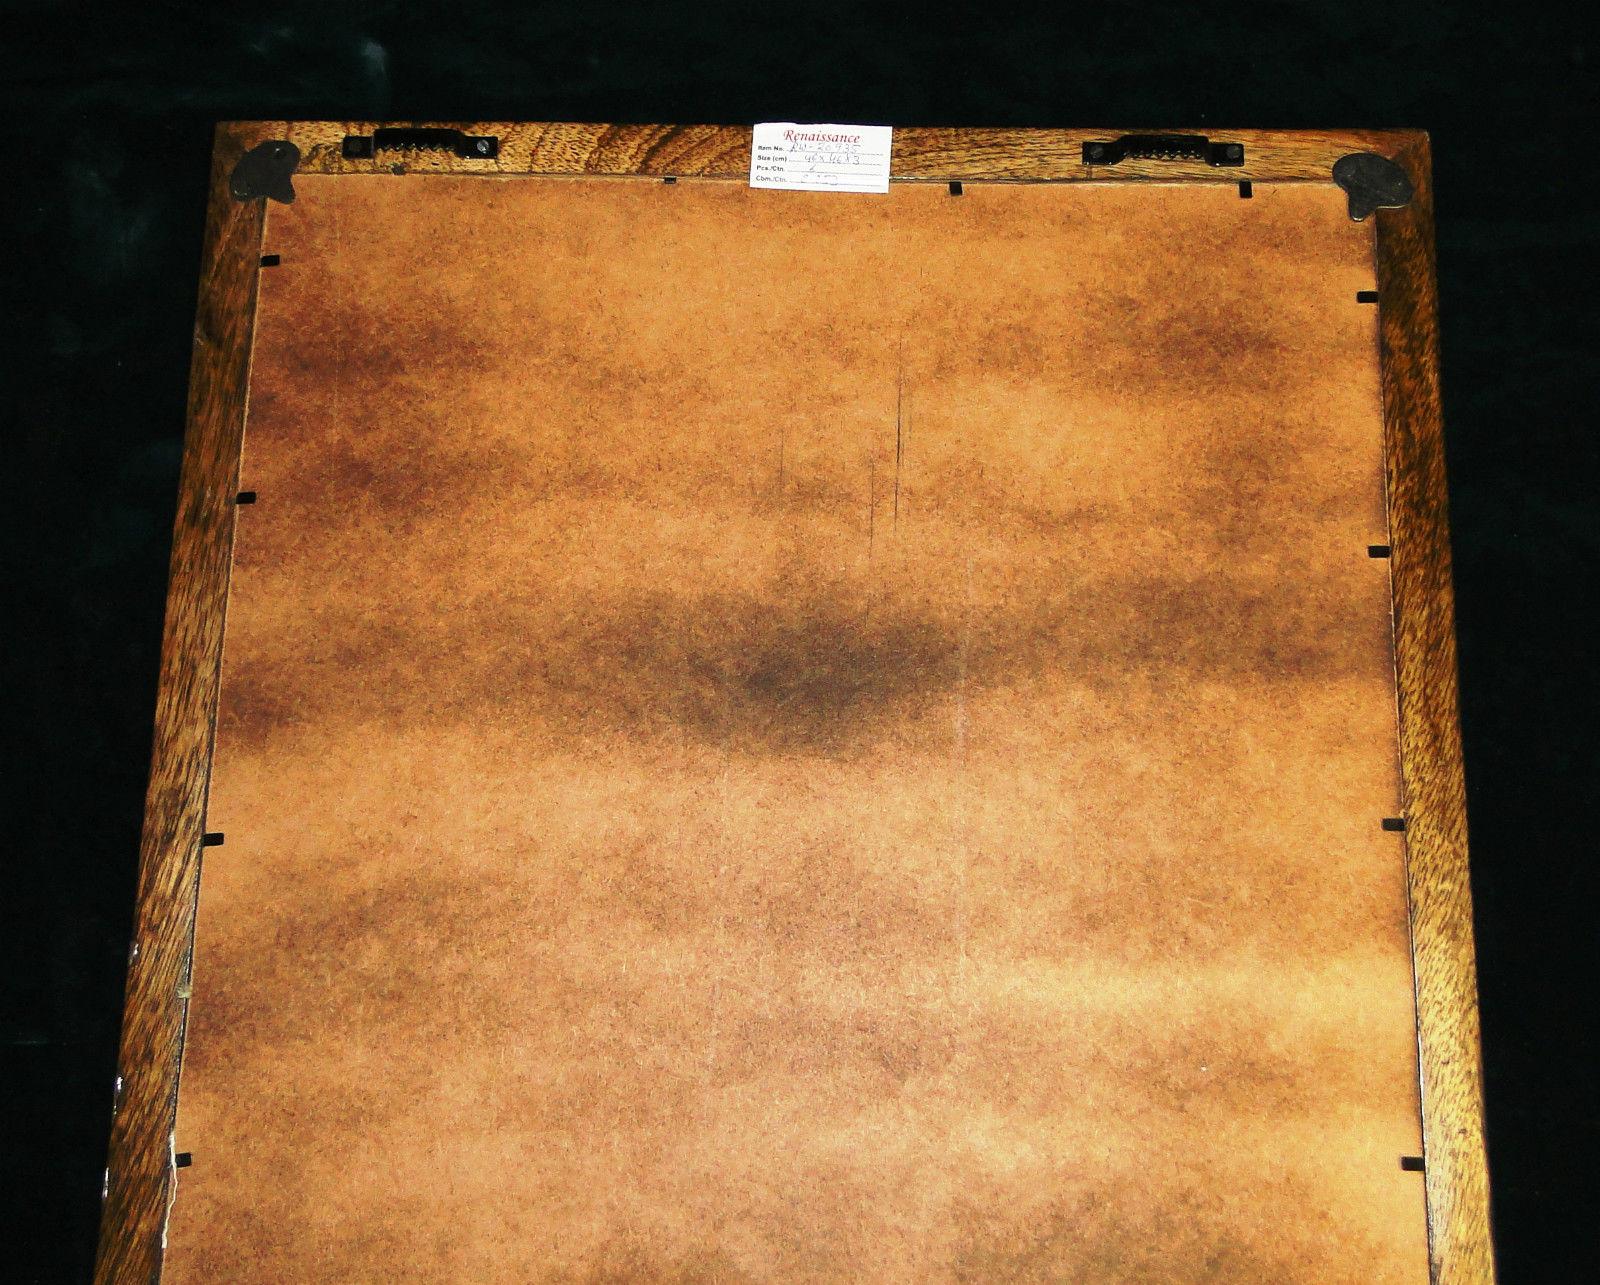 ... Wanddeko Holz Wandekoration Holz Mango 46x46x3 Wandbehang Handarbeit  Antik 5